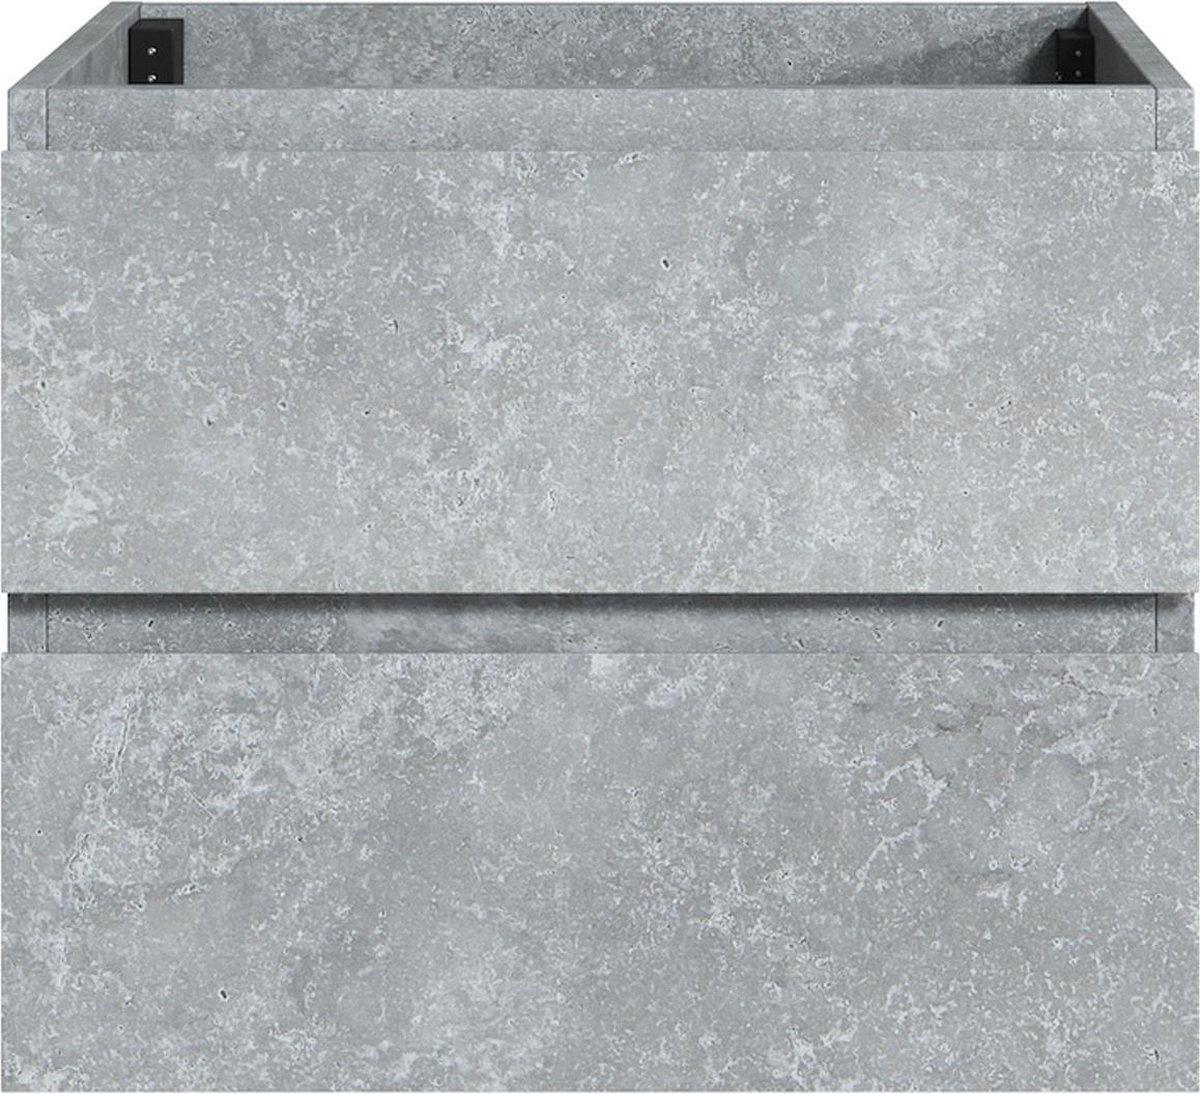 Badplaats - Wastafelkast Angela 60 cm - F.ash - zonder wastafel